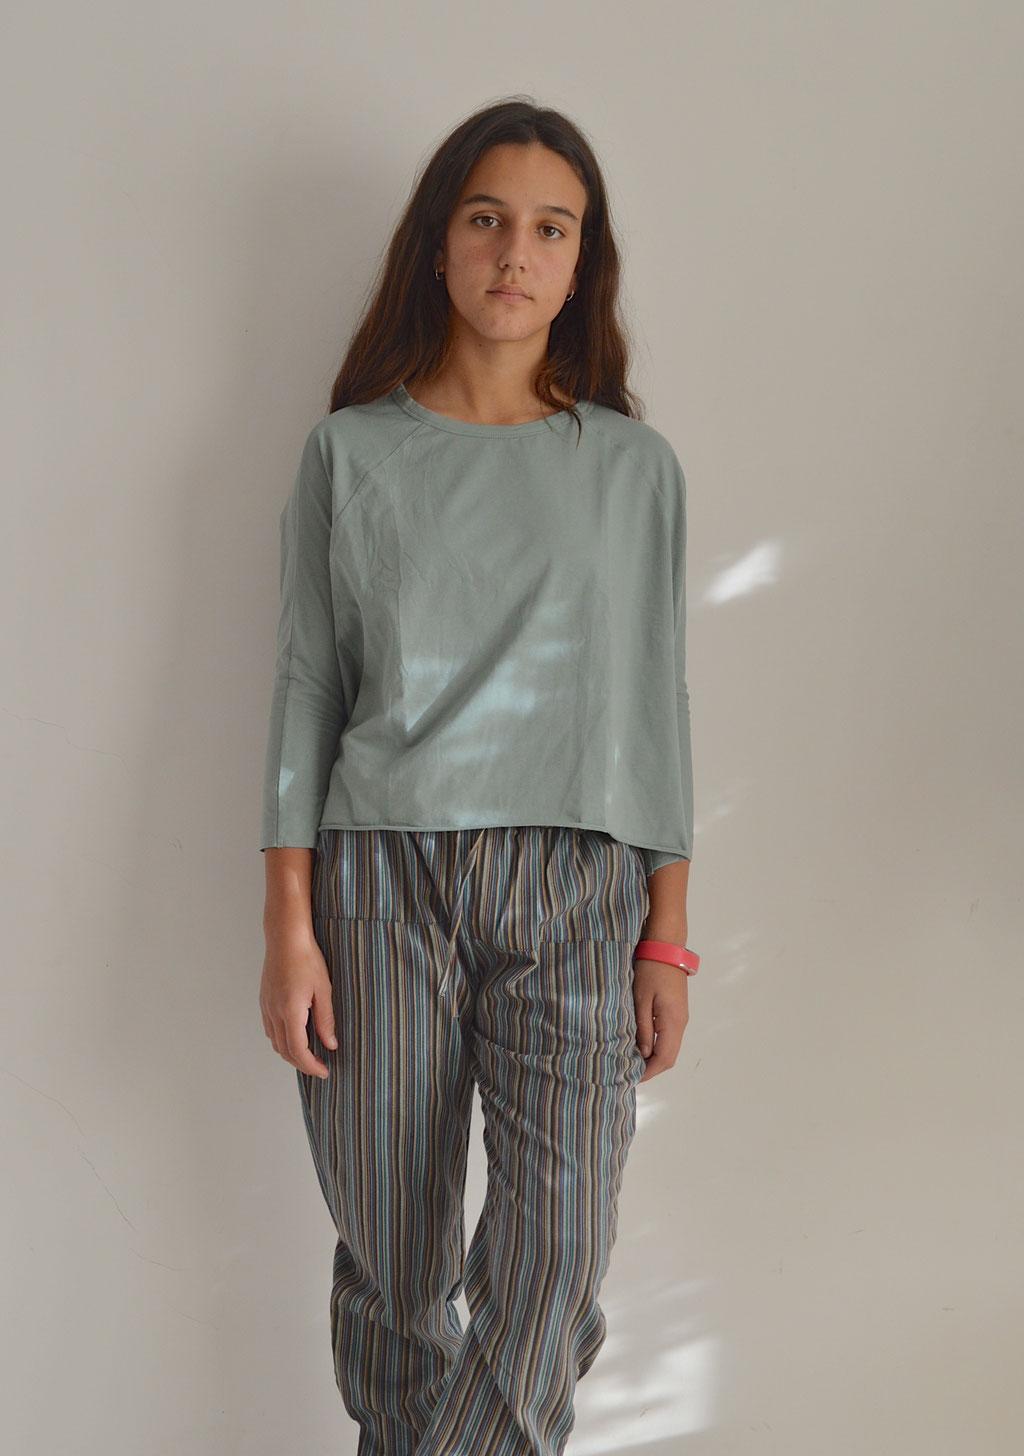 Pantalón con cintura elástica de algodón con diseño de tela inspirado en la típica tela de Nepal